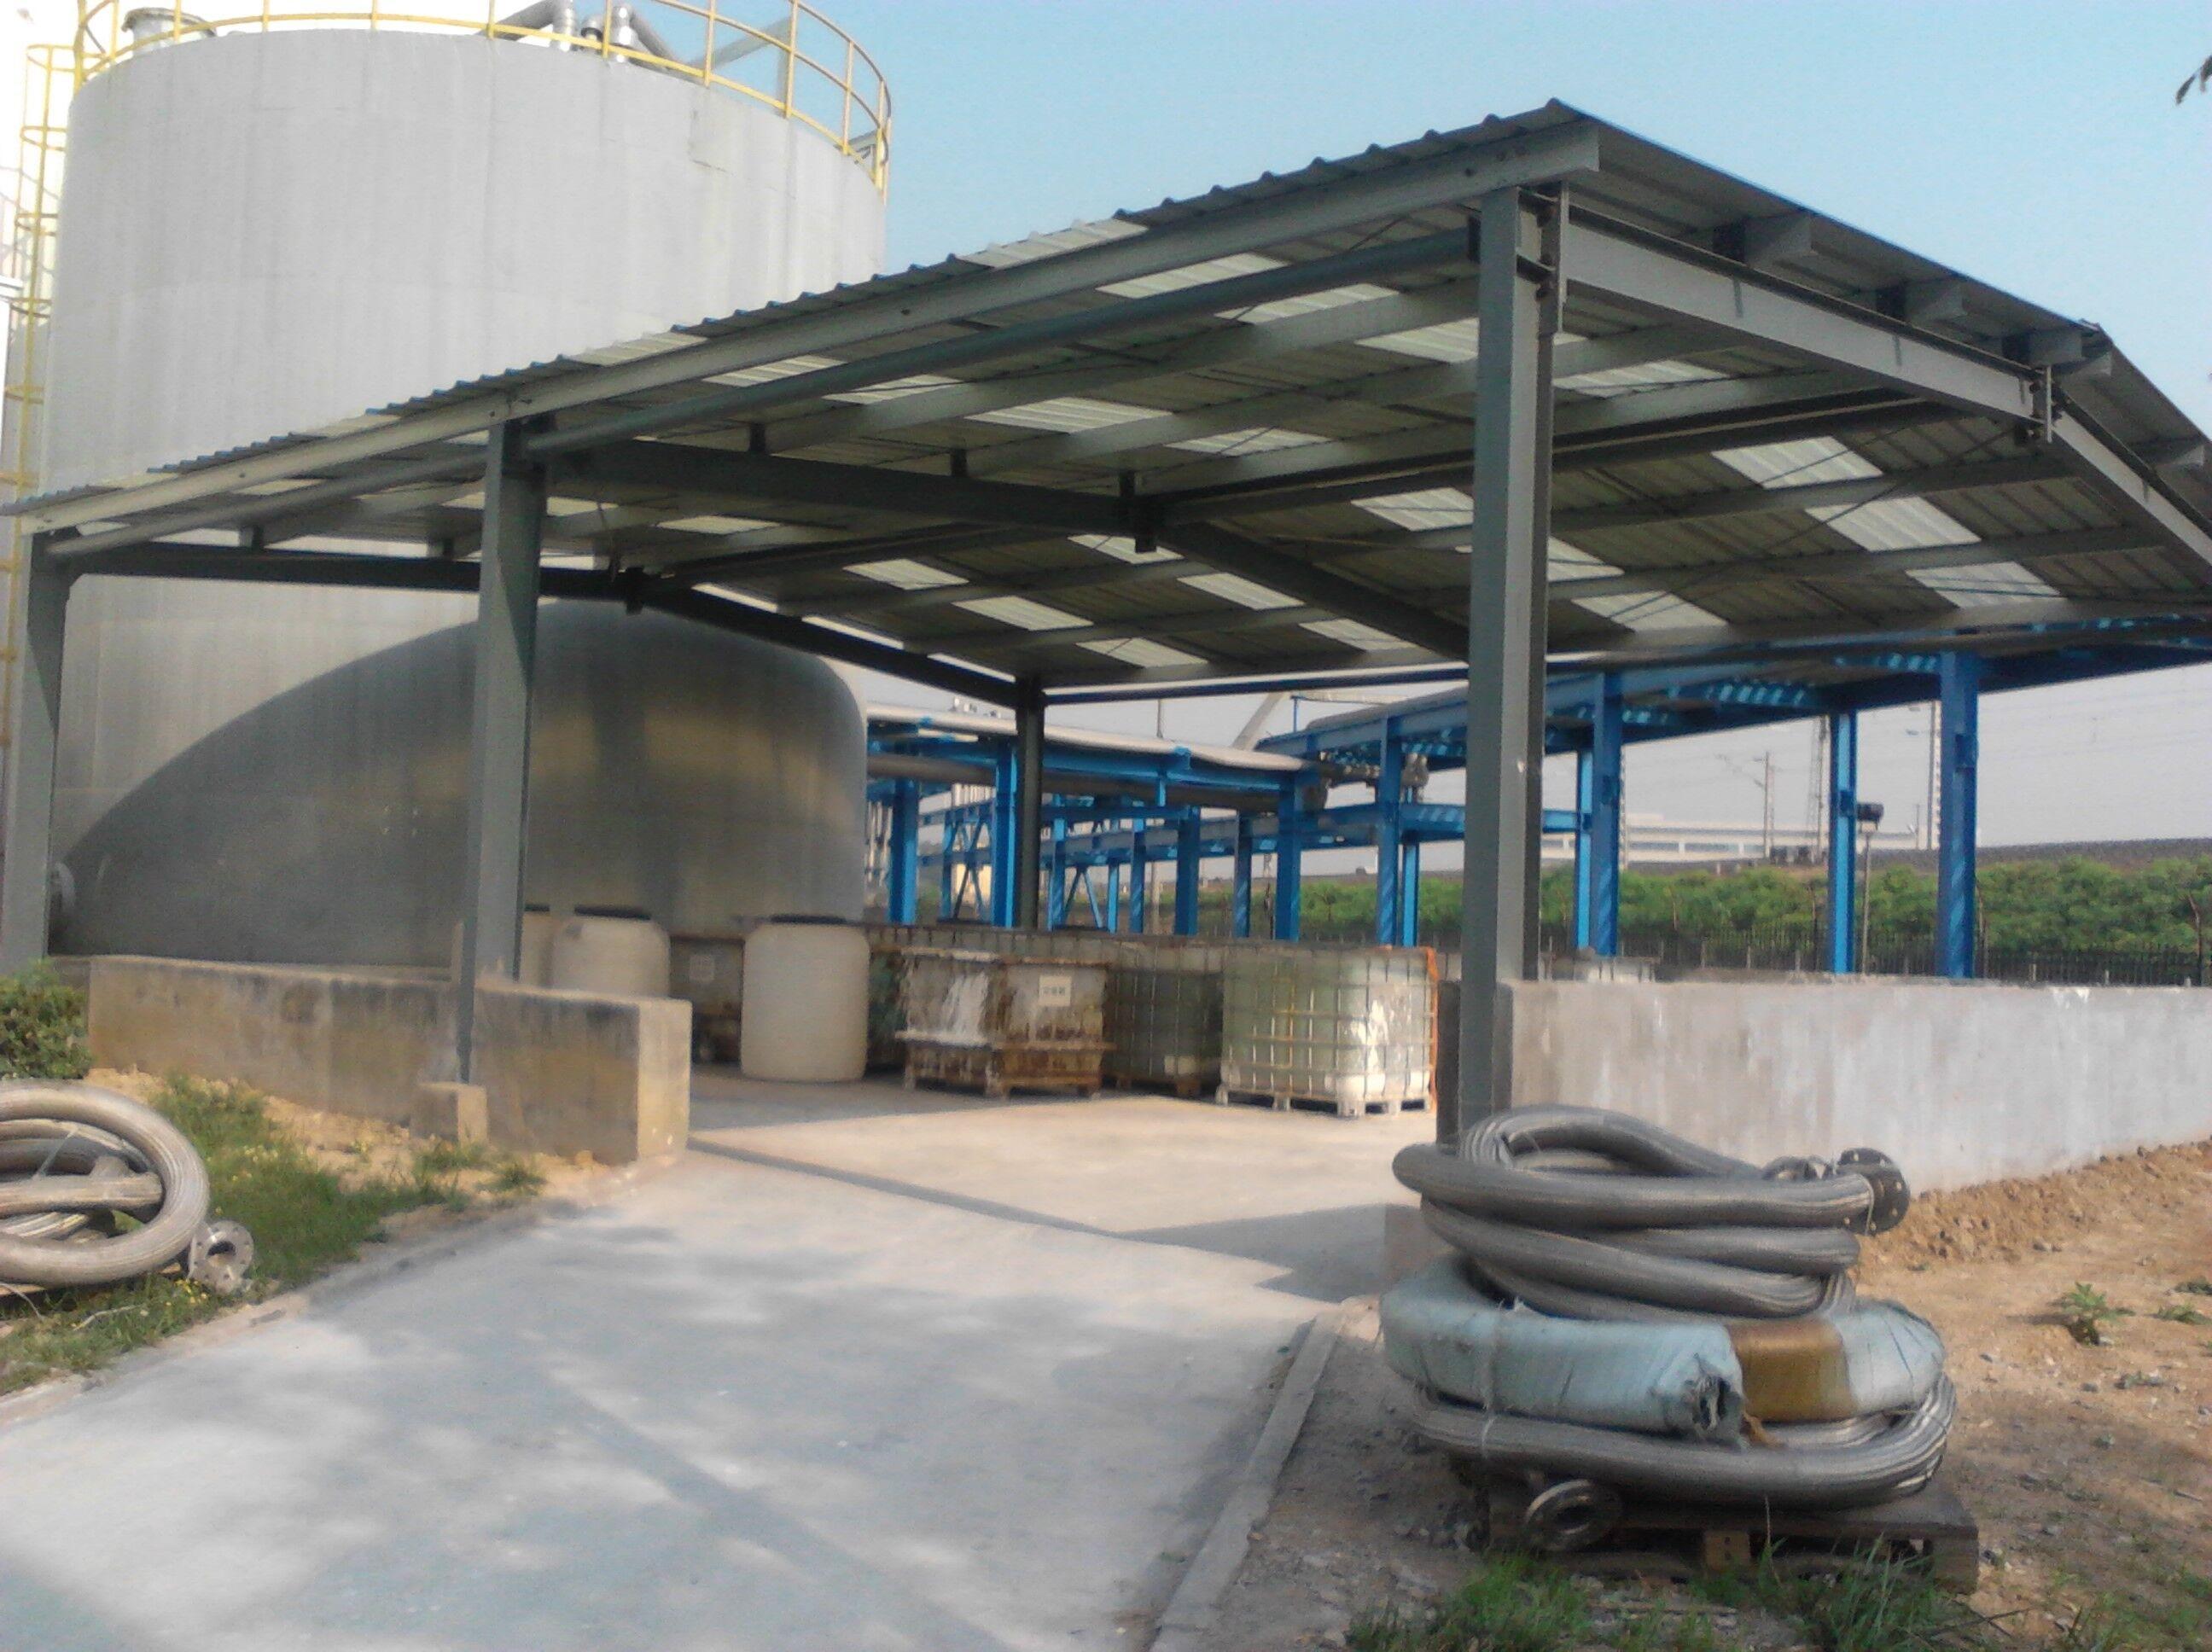 青岛腾泰钢结构有限公司的轻型钢结构厂房是以等截面或变截面H型钢为承重主体以C型、Z型檩条及柱间支撑为辅助连接件,通过螺栓或焊接等方式固定,屋面和墙面以彩色压型钢板或彩钢夹心复合板围护而形成的新型钢结构建筑体系,与传统建筑结构相比具有诸多优越特性: 1、青岛腾泰钢结构有限公司的钢结构工程材料强度高:钢的容重虽较大,但强度却高得多,与其它建筑材料相比钢材的容重与屈服点的比值最小。 2、钢结构房屋自重小:轻钢建筑主体结构的含钢量通常在25KG/-80KG左右,彩色压型钢板的重量低于10KG。轻钢房屋的自重仅为砼